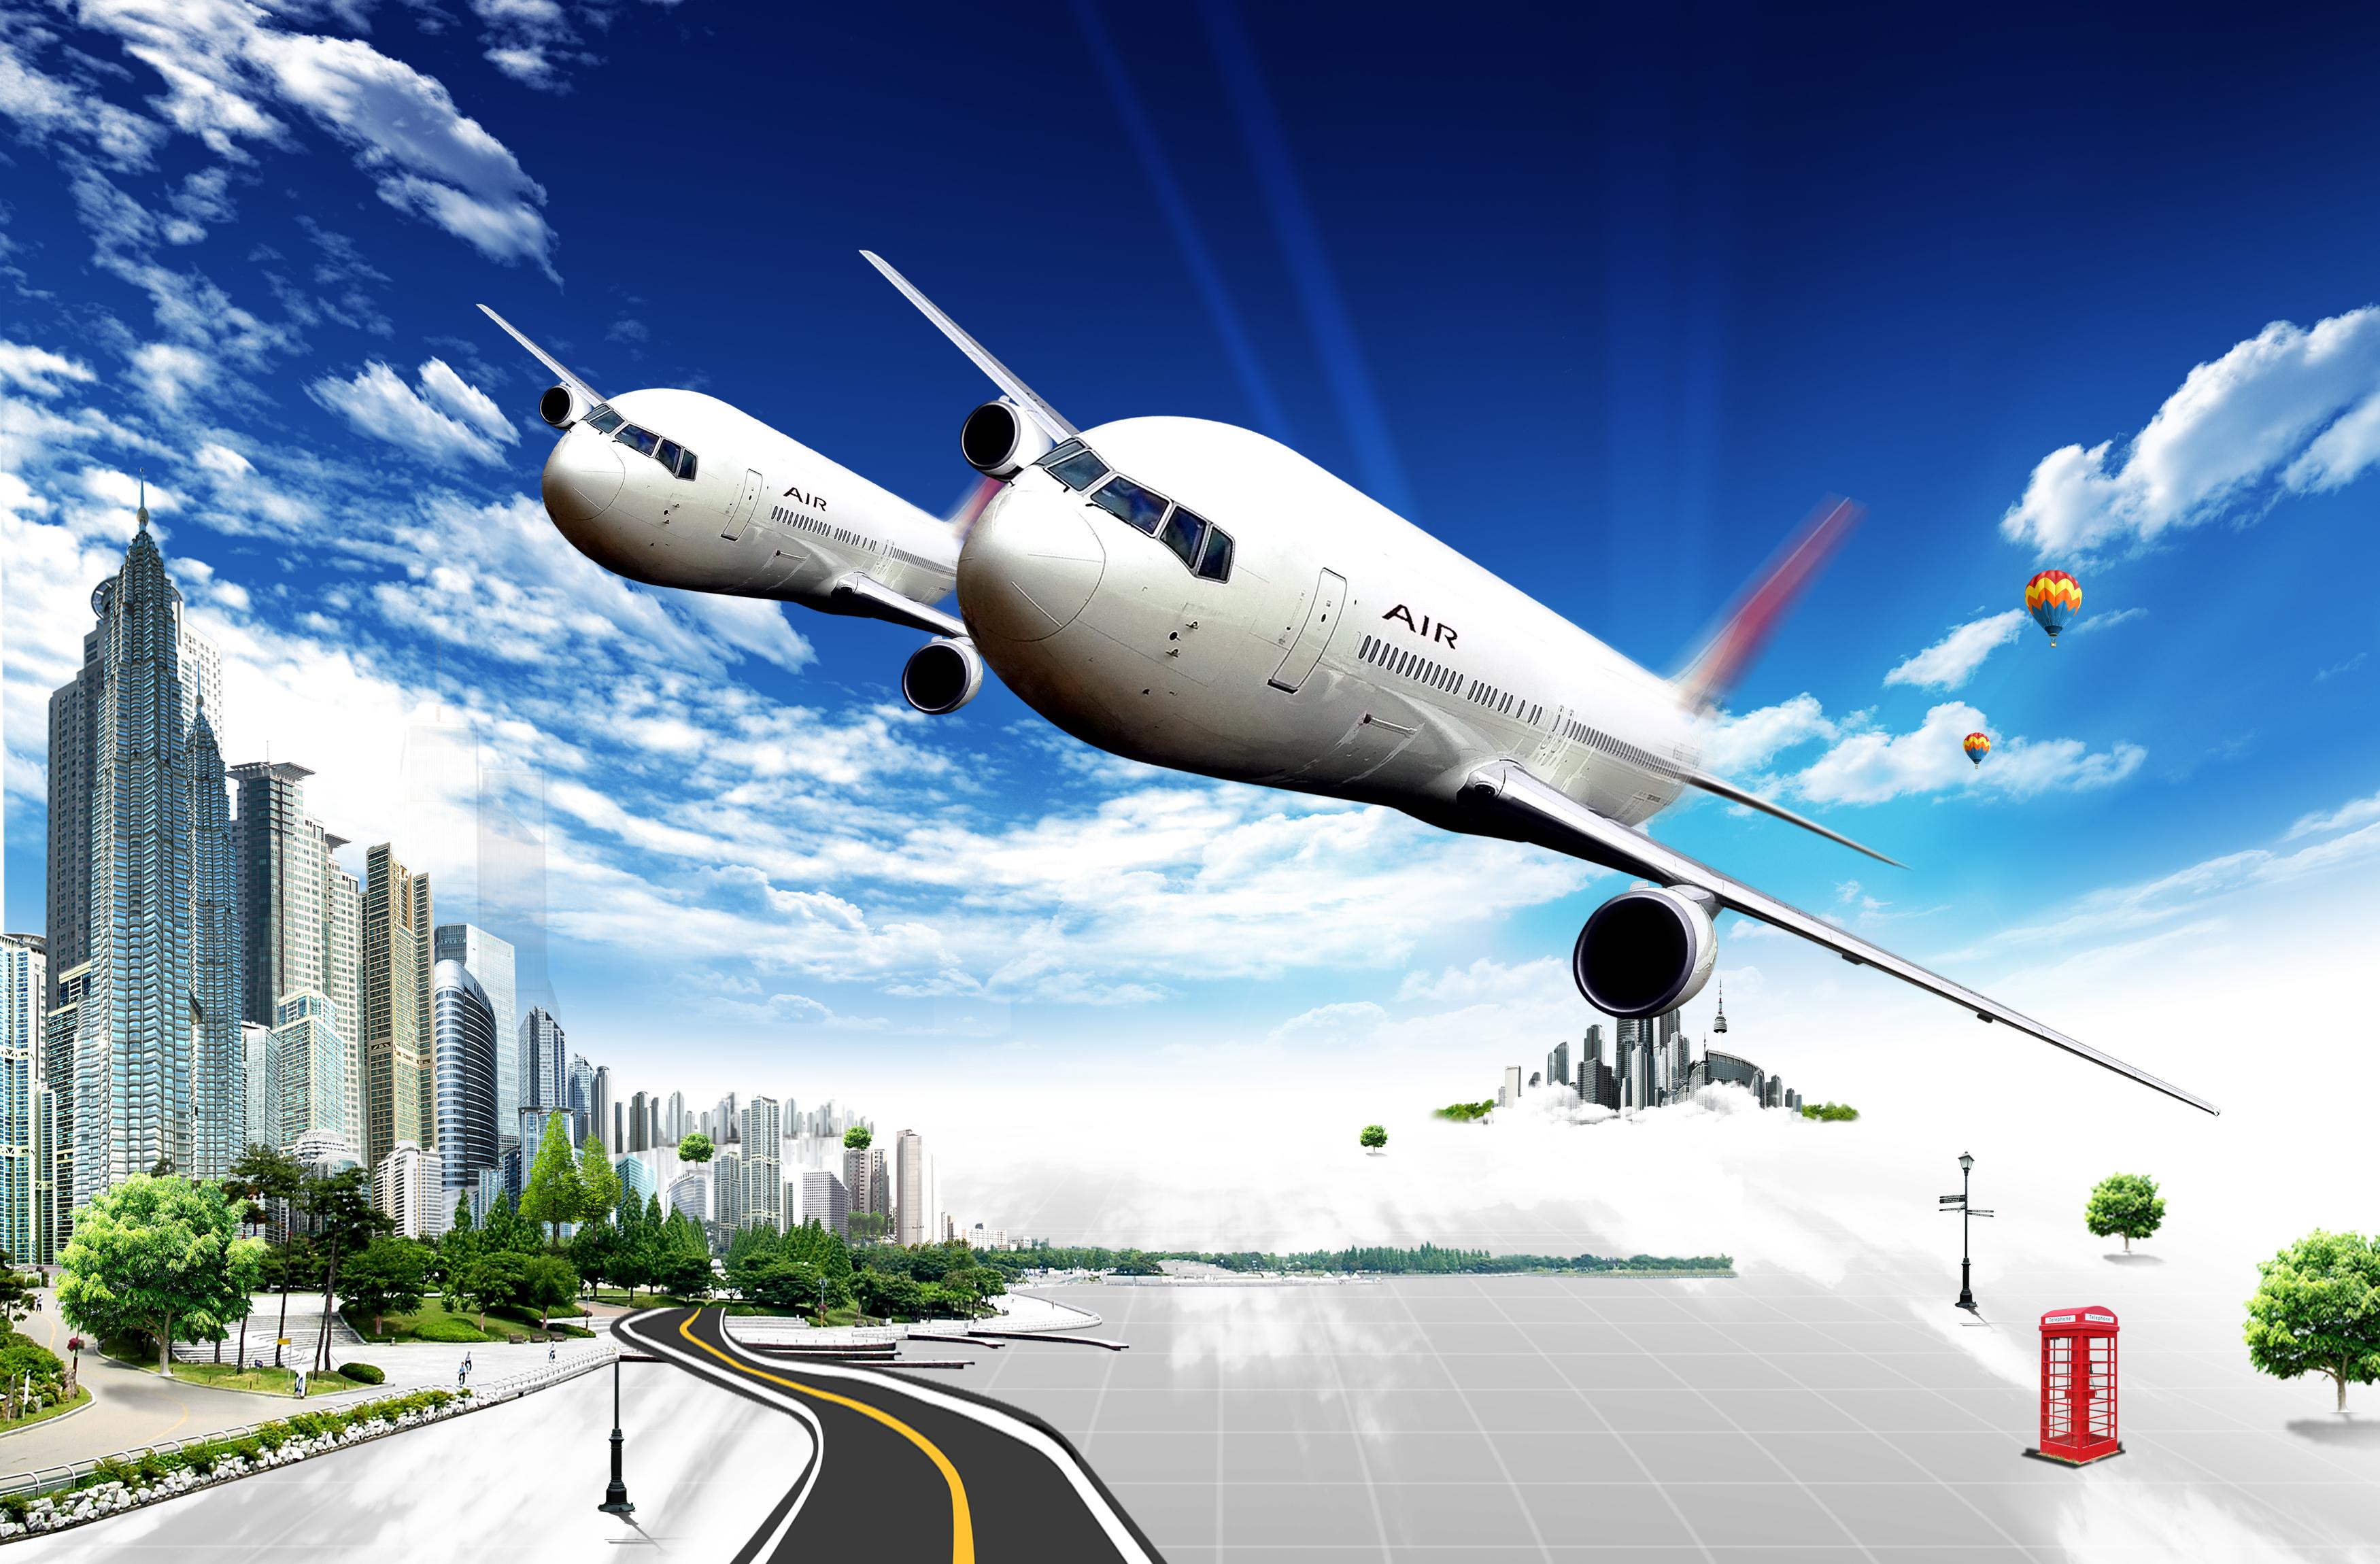 l aviation moderne de la science et de la technologie des affiches de la mati u00e8re de fond